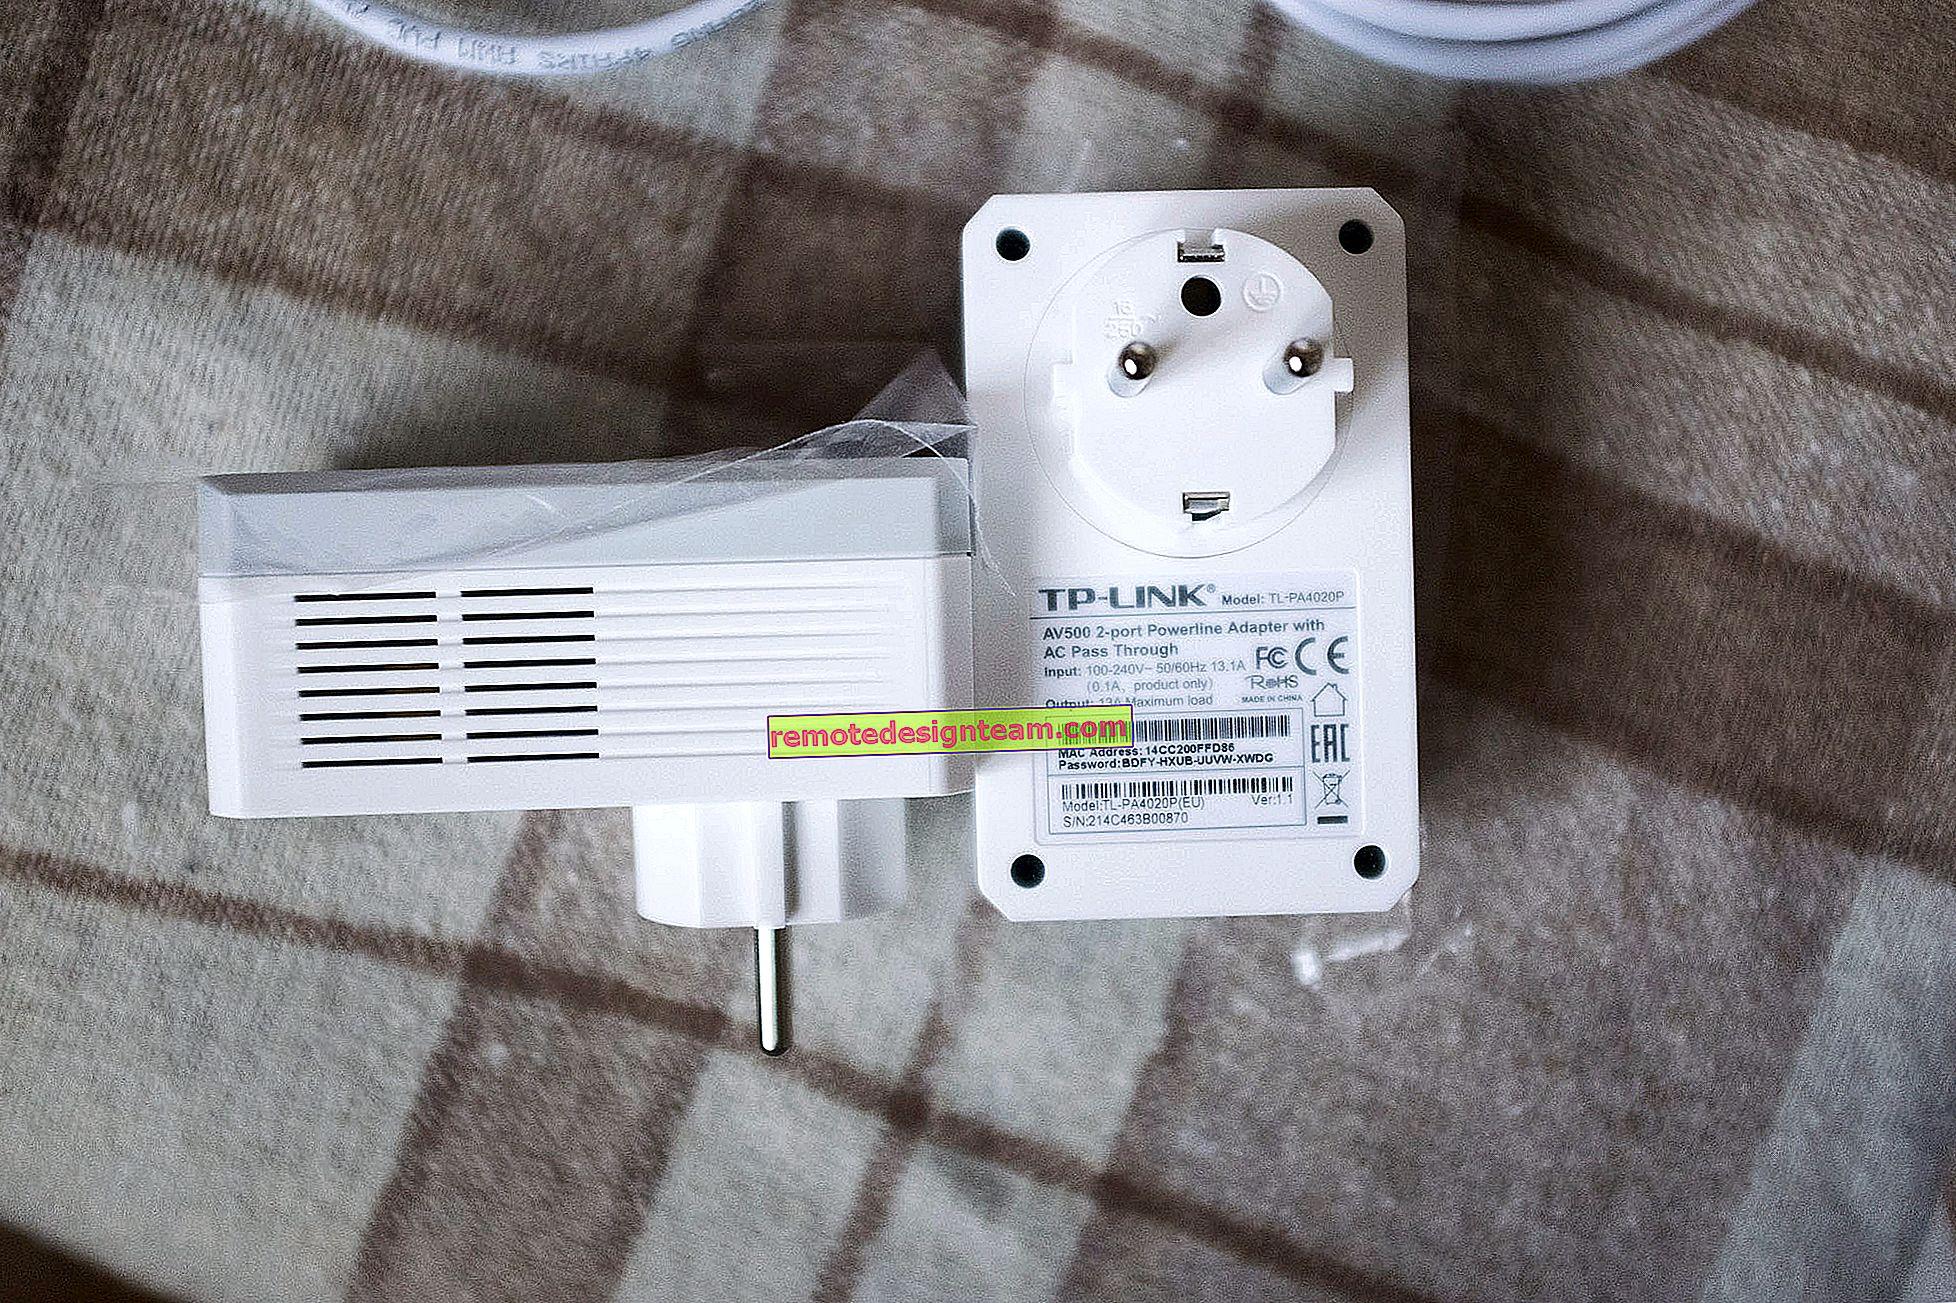 PowerLine adaptörü ile birden fazla IP kamera bağlama